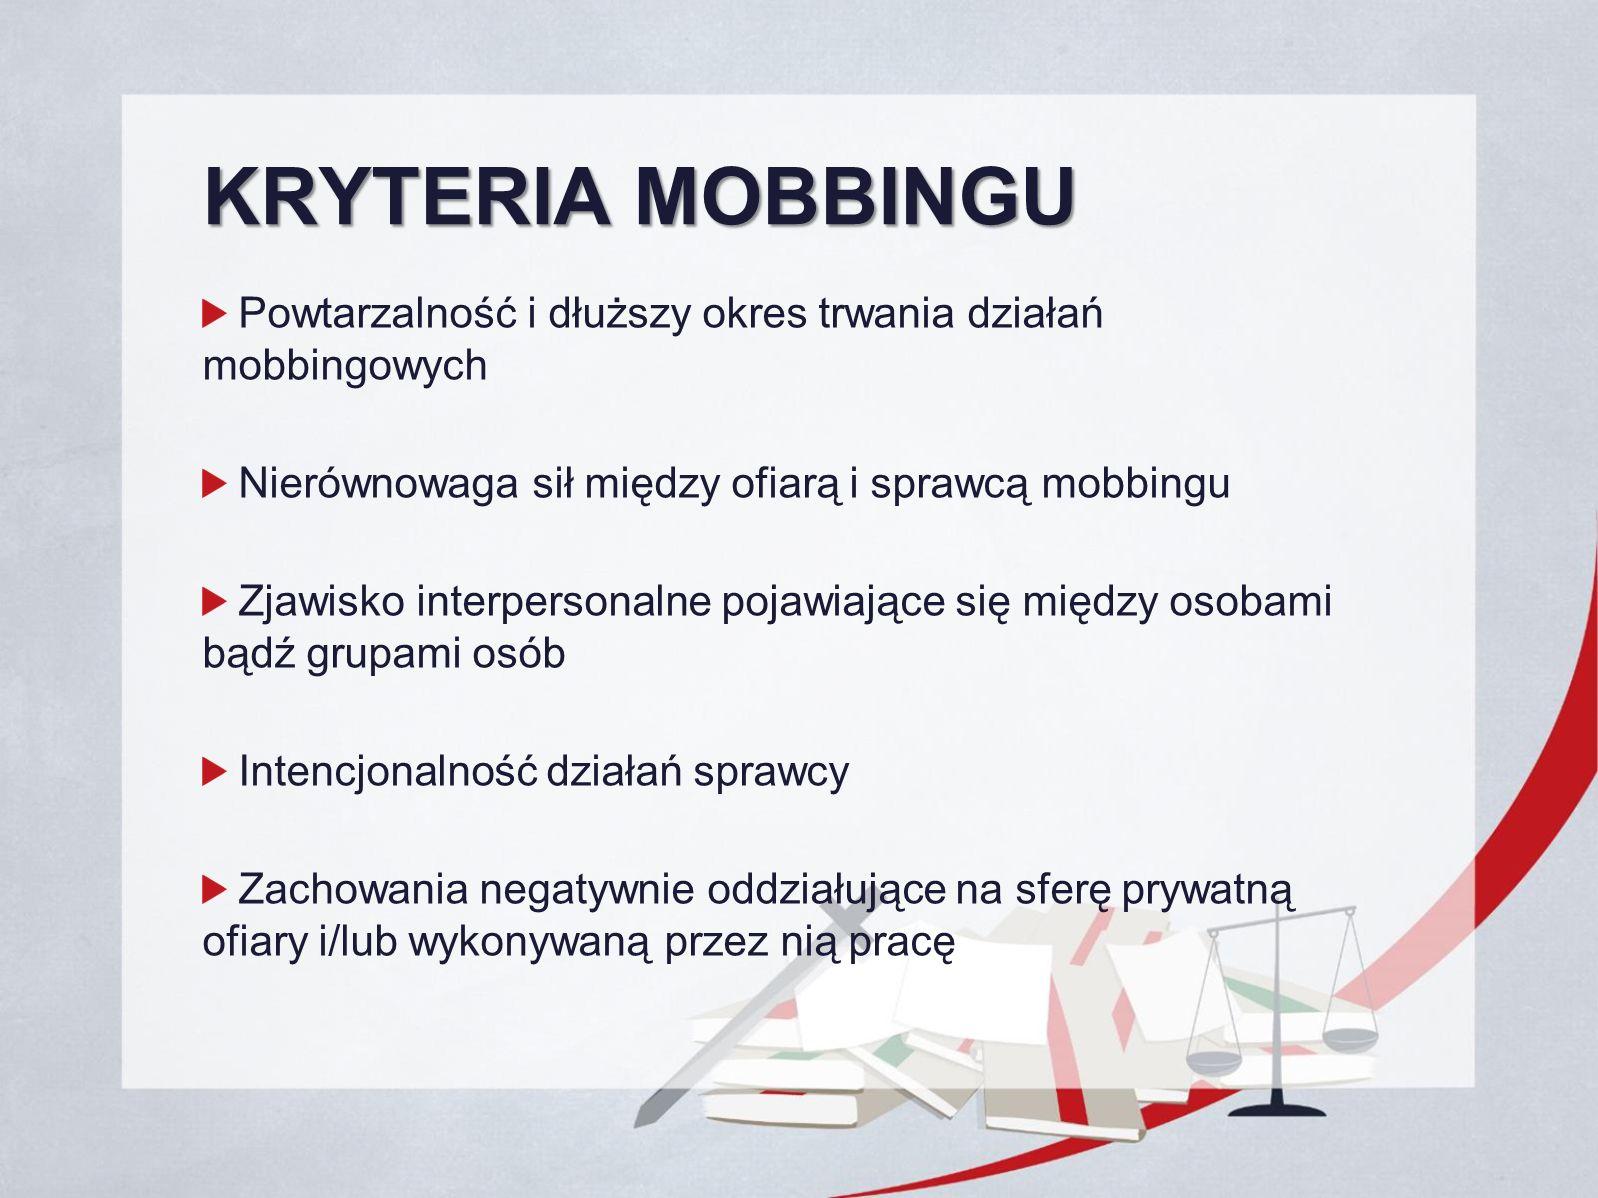 Kryteria mobbingu Powtarzalność i dłuższy okres trwania działań mobbingowych. Nierównowaga sił między ofiarą i sprawcą mobbingu.